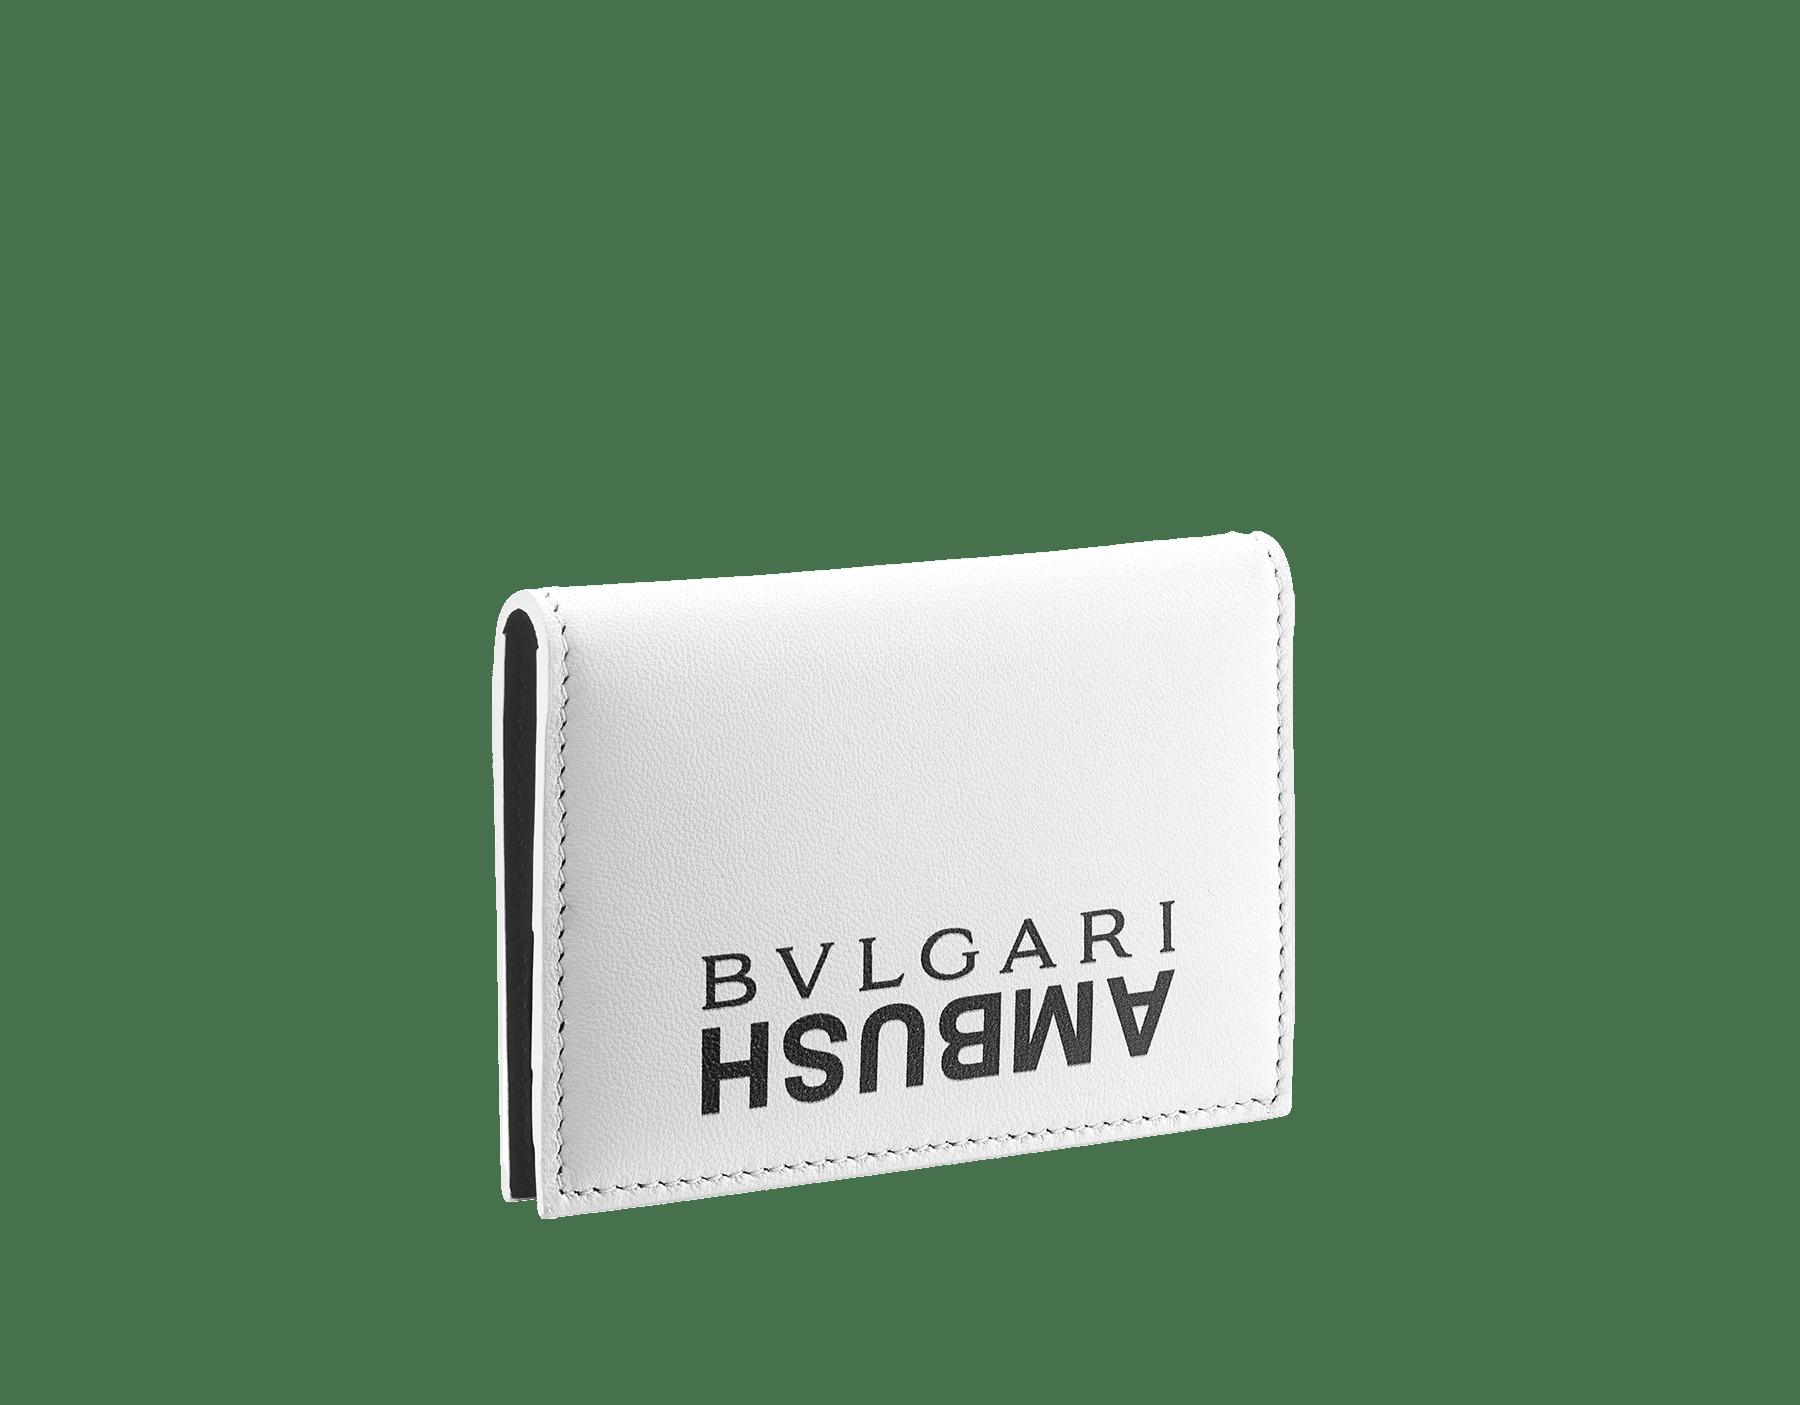 「AMBUSH x BVLGARI」縦型カードホルダー。ブライトグリーンとブラックのナッパレザー製。サイドにパラジウムプレートブラスの「BVLGARI AMBUSH」の装飾、もう一方のサイドに特別な「BVLGARI AMBUSH」のロゴプリント。リミテッドエディション。 YA-VERTICALCCH image 3